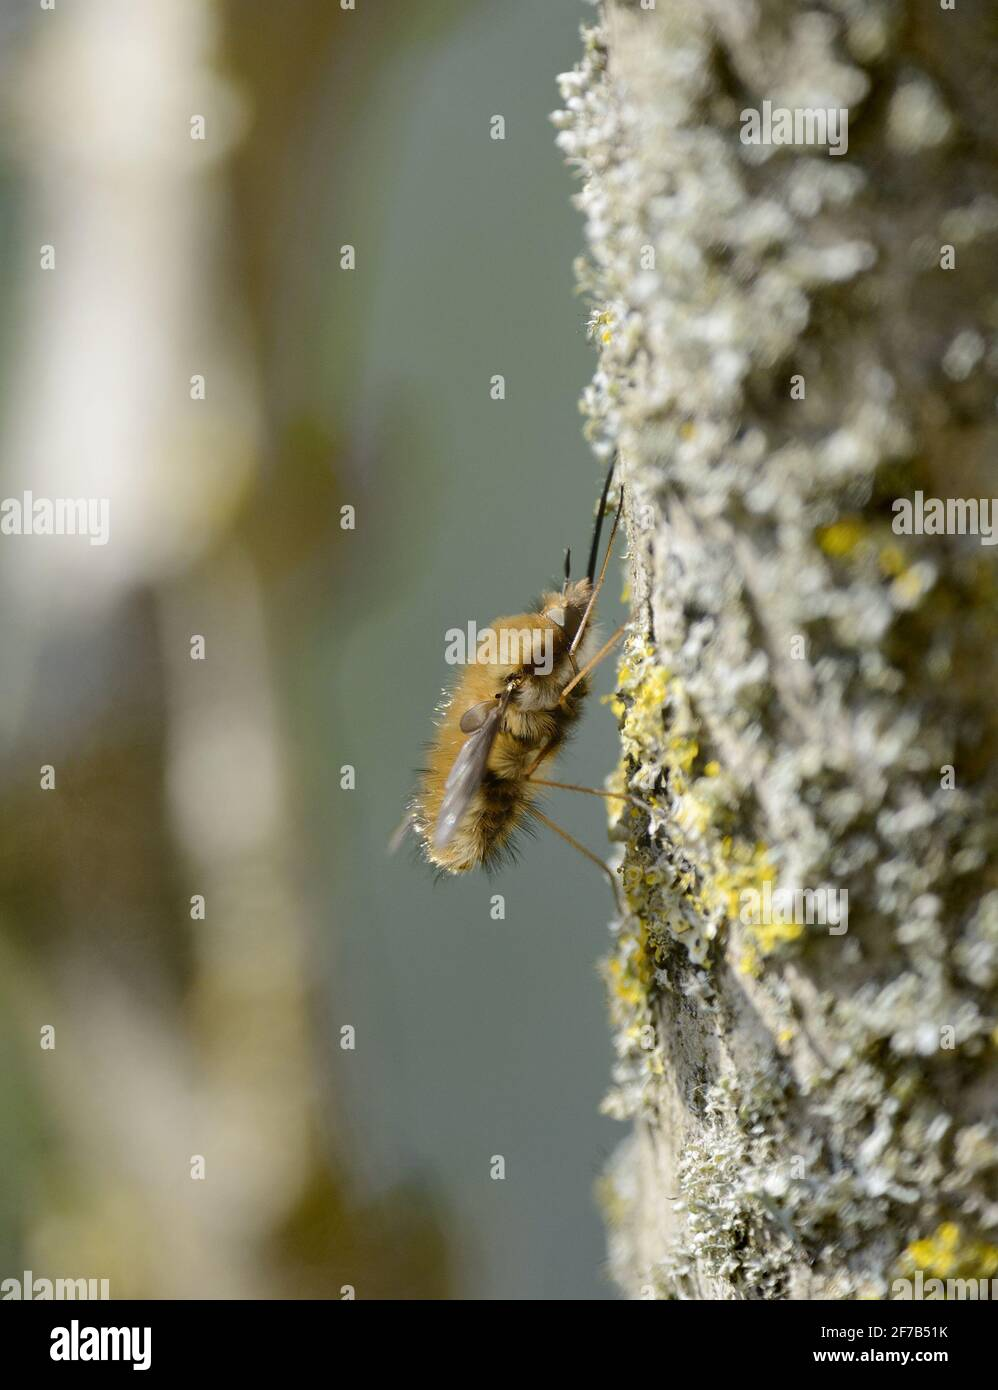 Mosca de la abeja (mayor / borde oscuro / Grande Mosca de la abeja: Bombylius mayor) hembra. Kent, Reino Unido, principios de abril Foto de stock